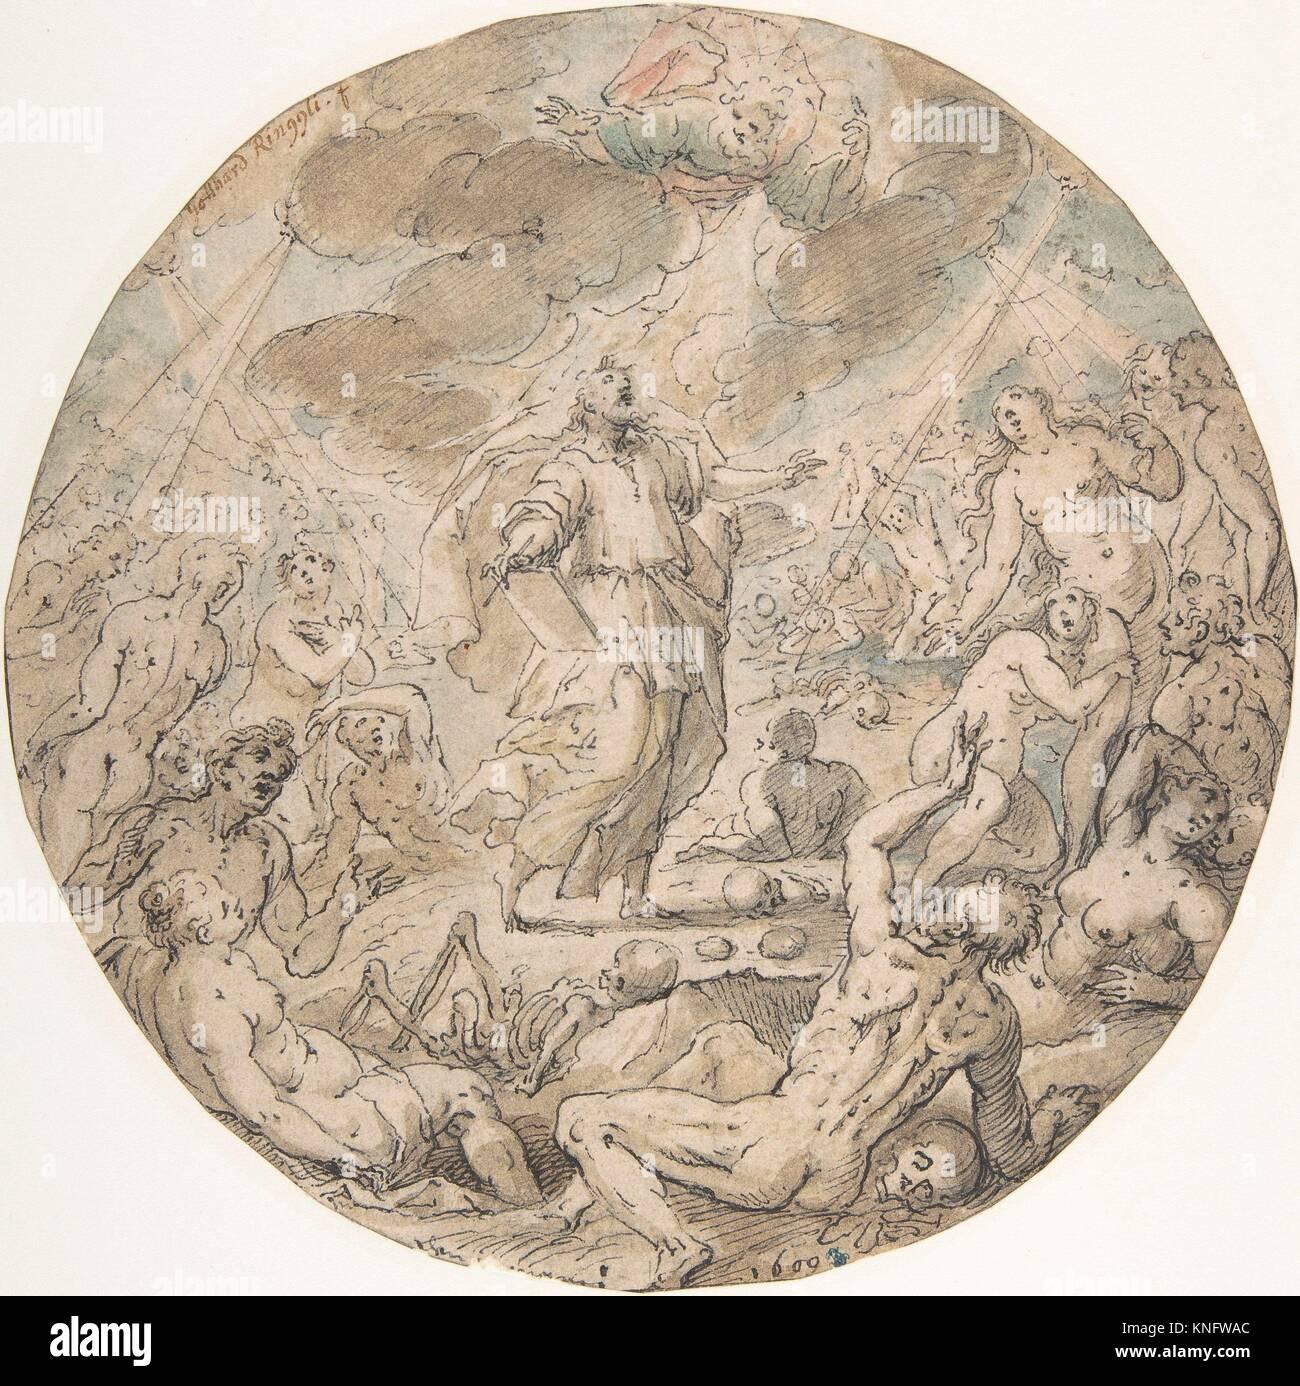 Ezekiel in the Valley of the Dry Bones. Artist: Georg Pecham (German, Munich ca. 1568-1604 Munich); Former Attribution: Stock Photo